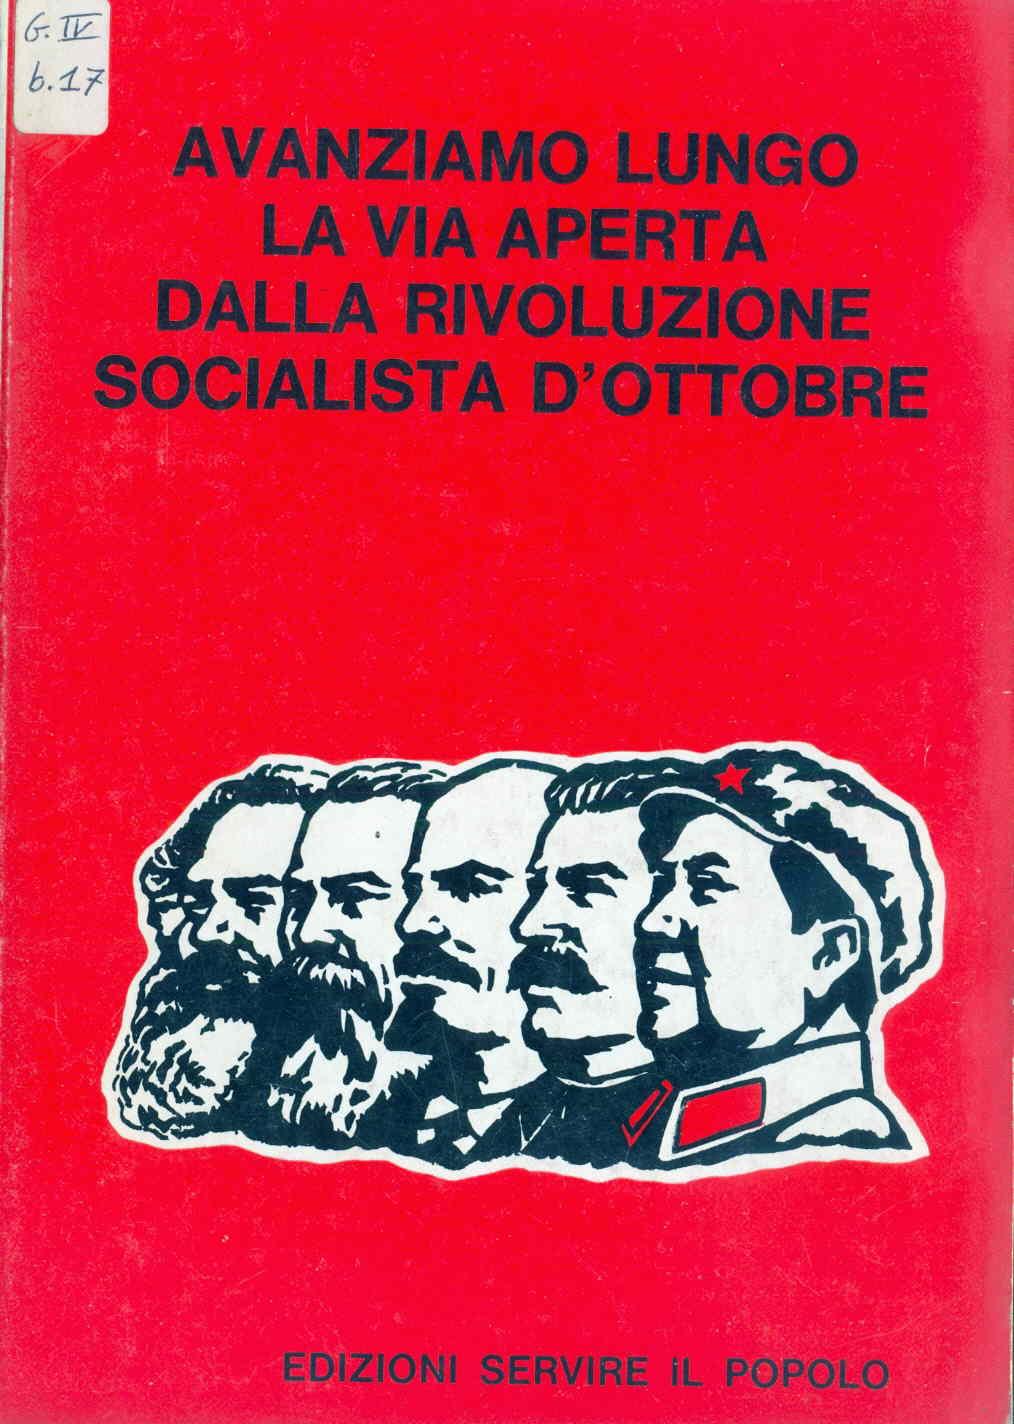 Avanziamo lungo la via aperta dalla rivoluzione socialista d'ottobre